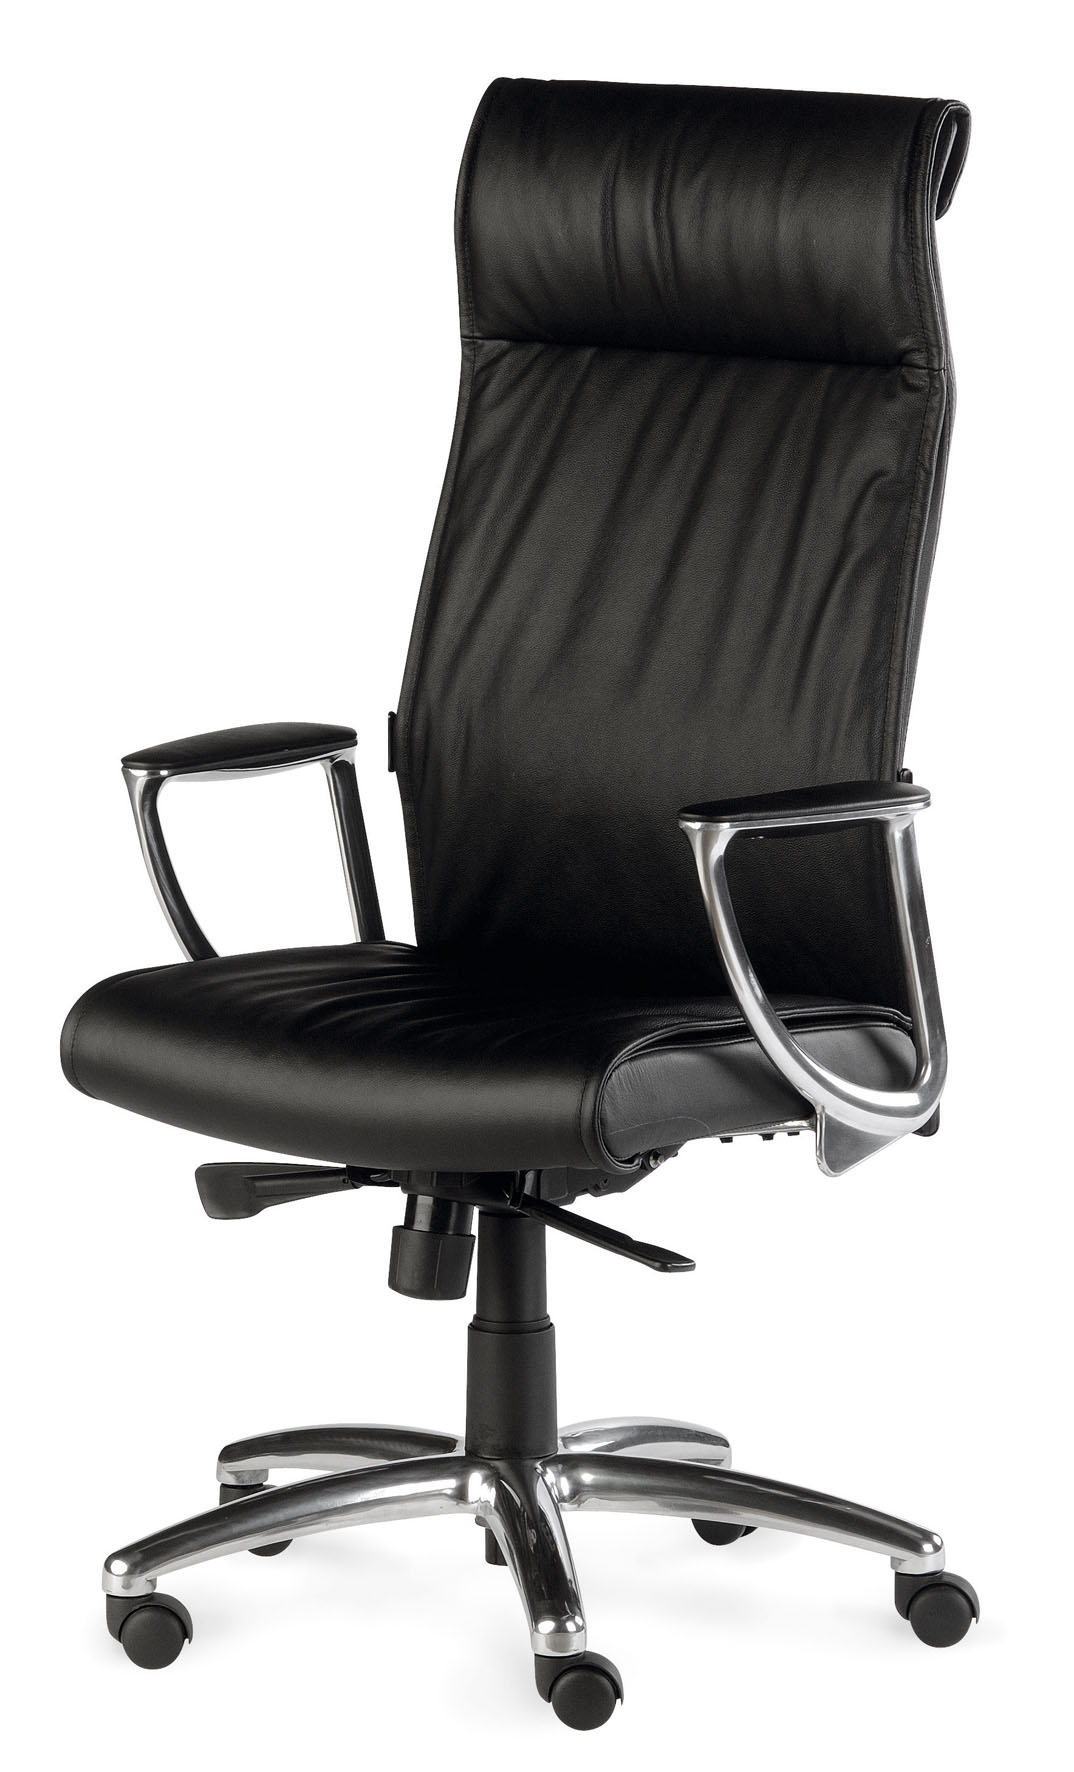 Fauteuil manager conception d 39 espaces de travail et for Fourniture et mobilier de bureau